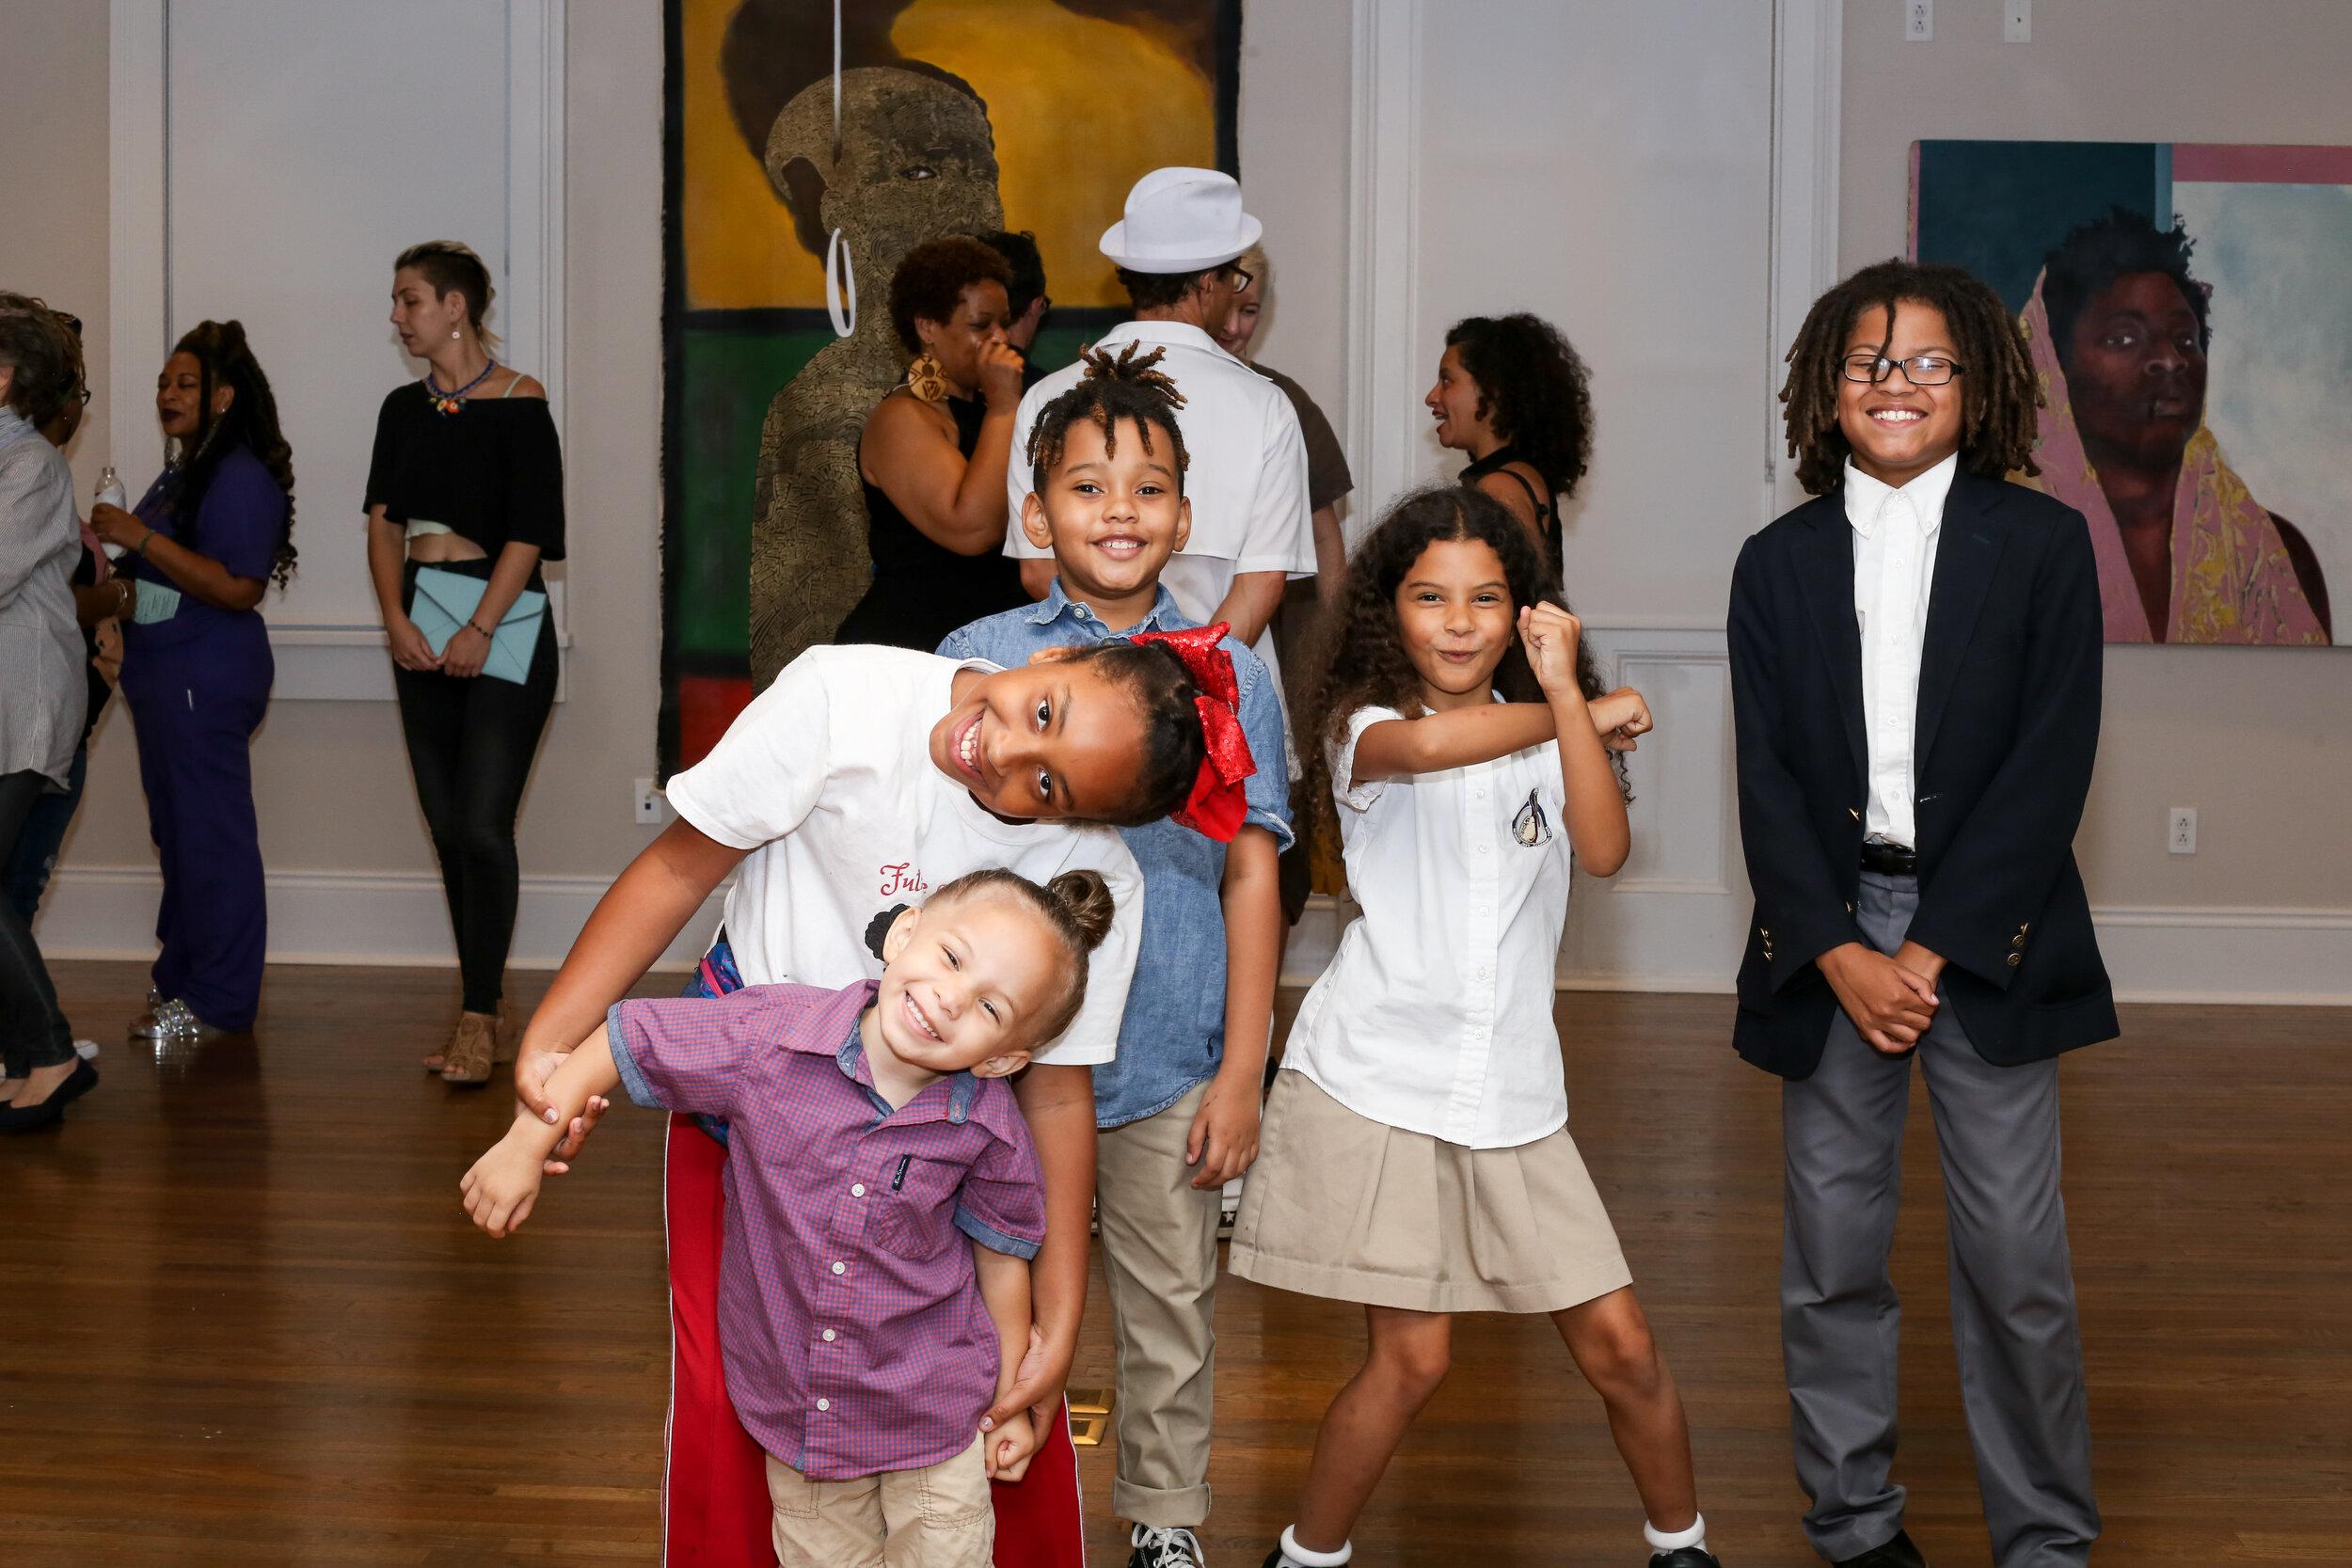 CHILDREN UPSTAIRS LARGE ROOM.jpg